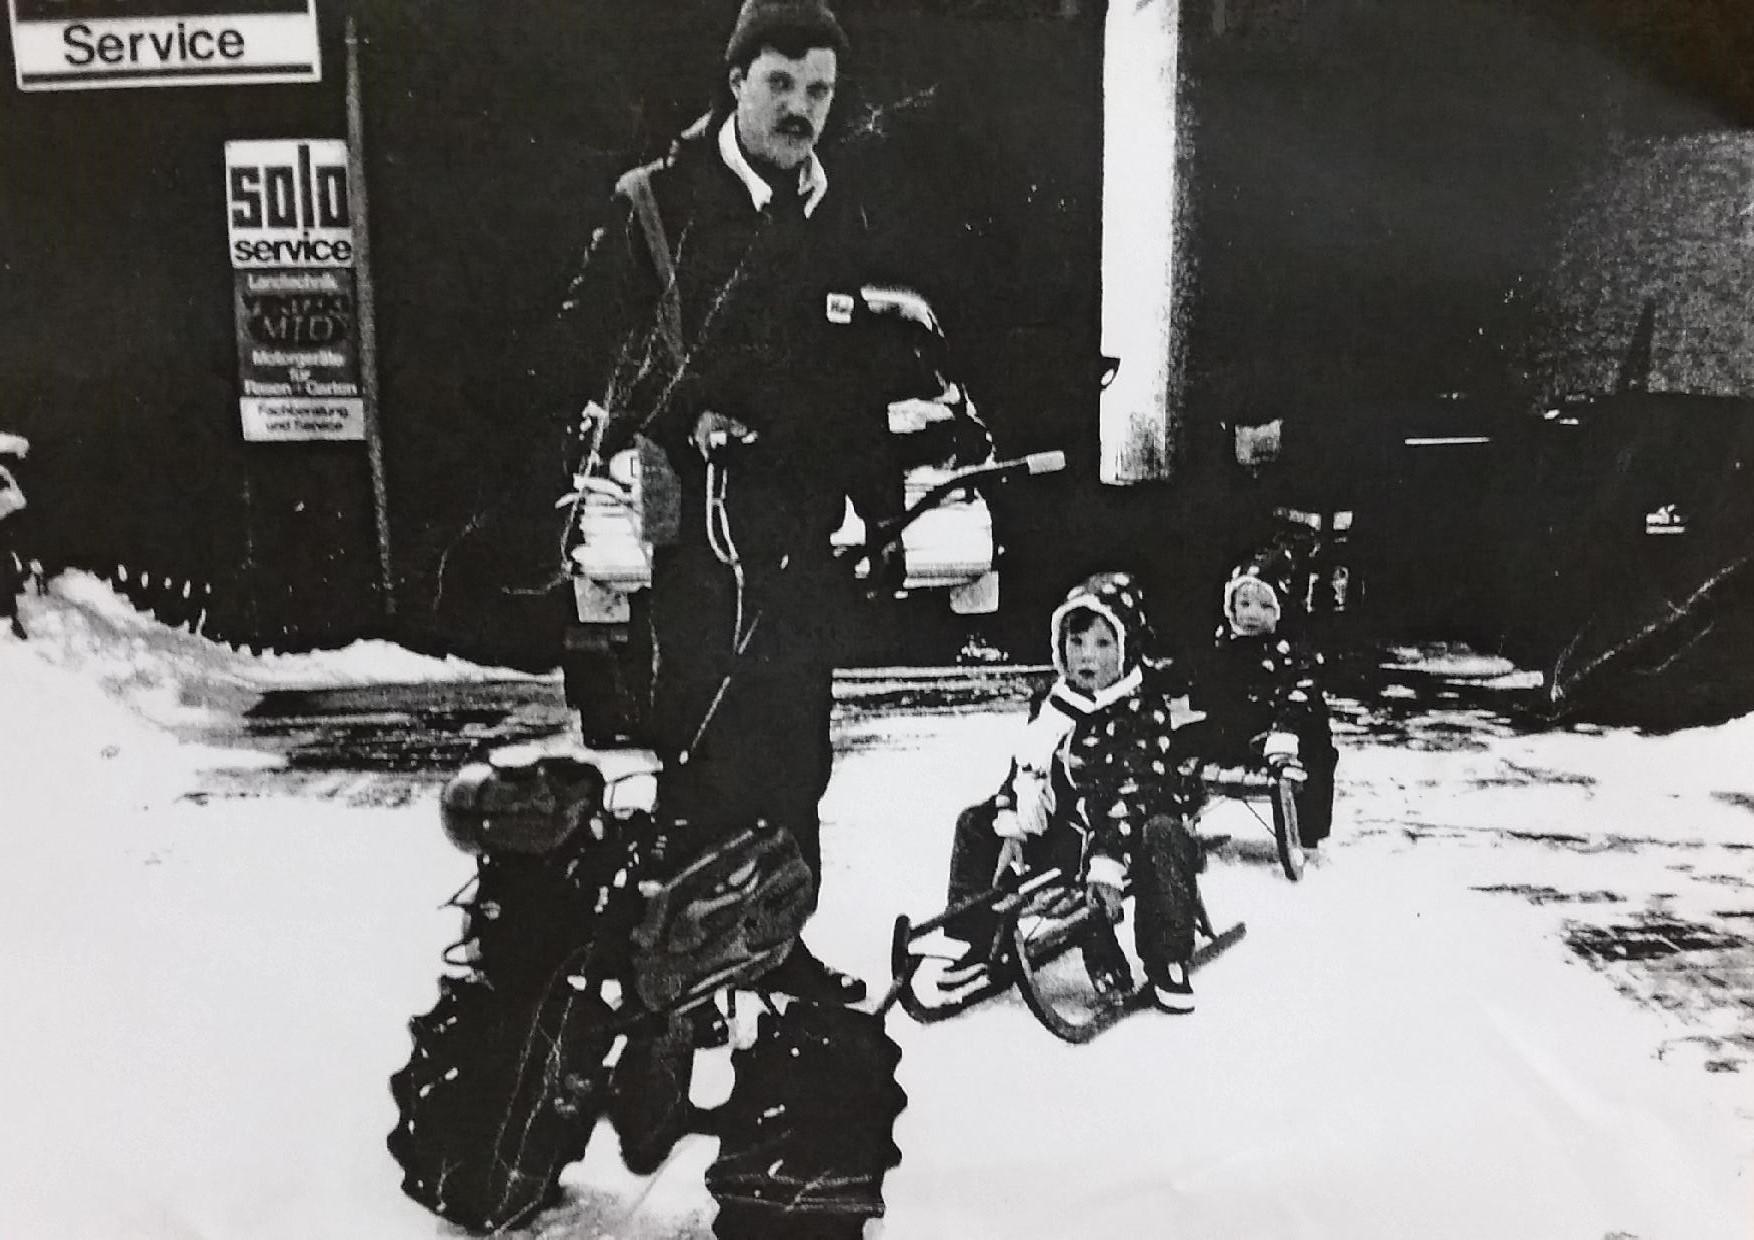 Firmengründer Hans Werth mit seinen beiden Söhnen 1982 im Winter